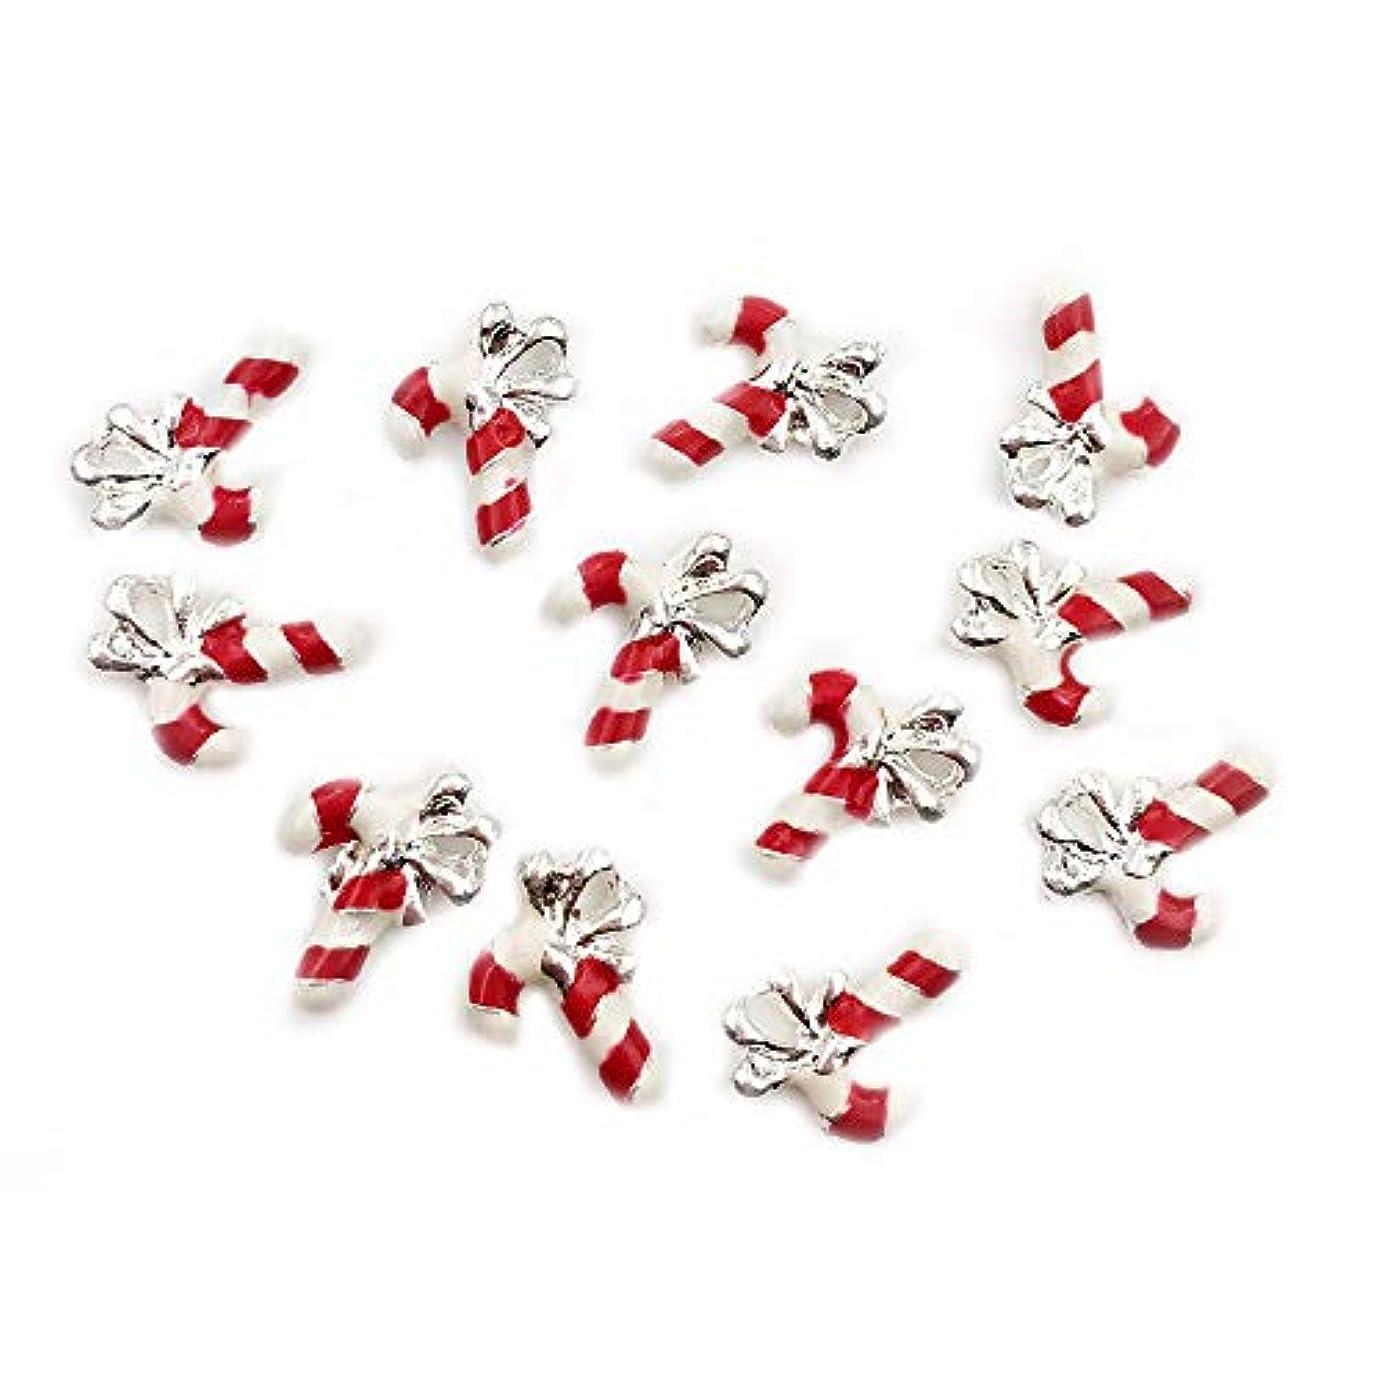 石化するベスト免疫クリスマスツリー10 PCSメタル3Dネイルアートクリスマスの装飾チャームネイルズグリッターラインストーンネイル用品ジュエリー